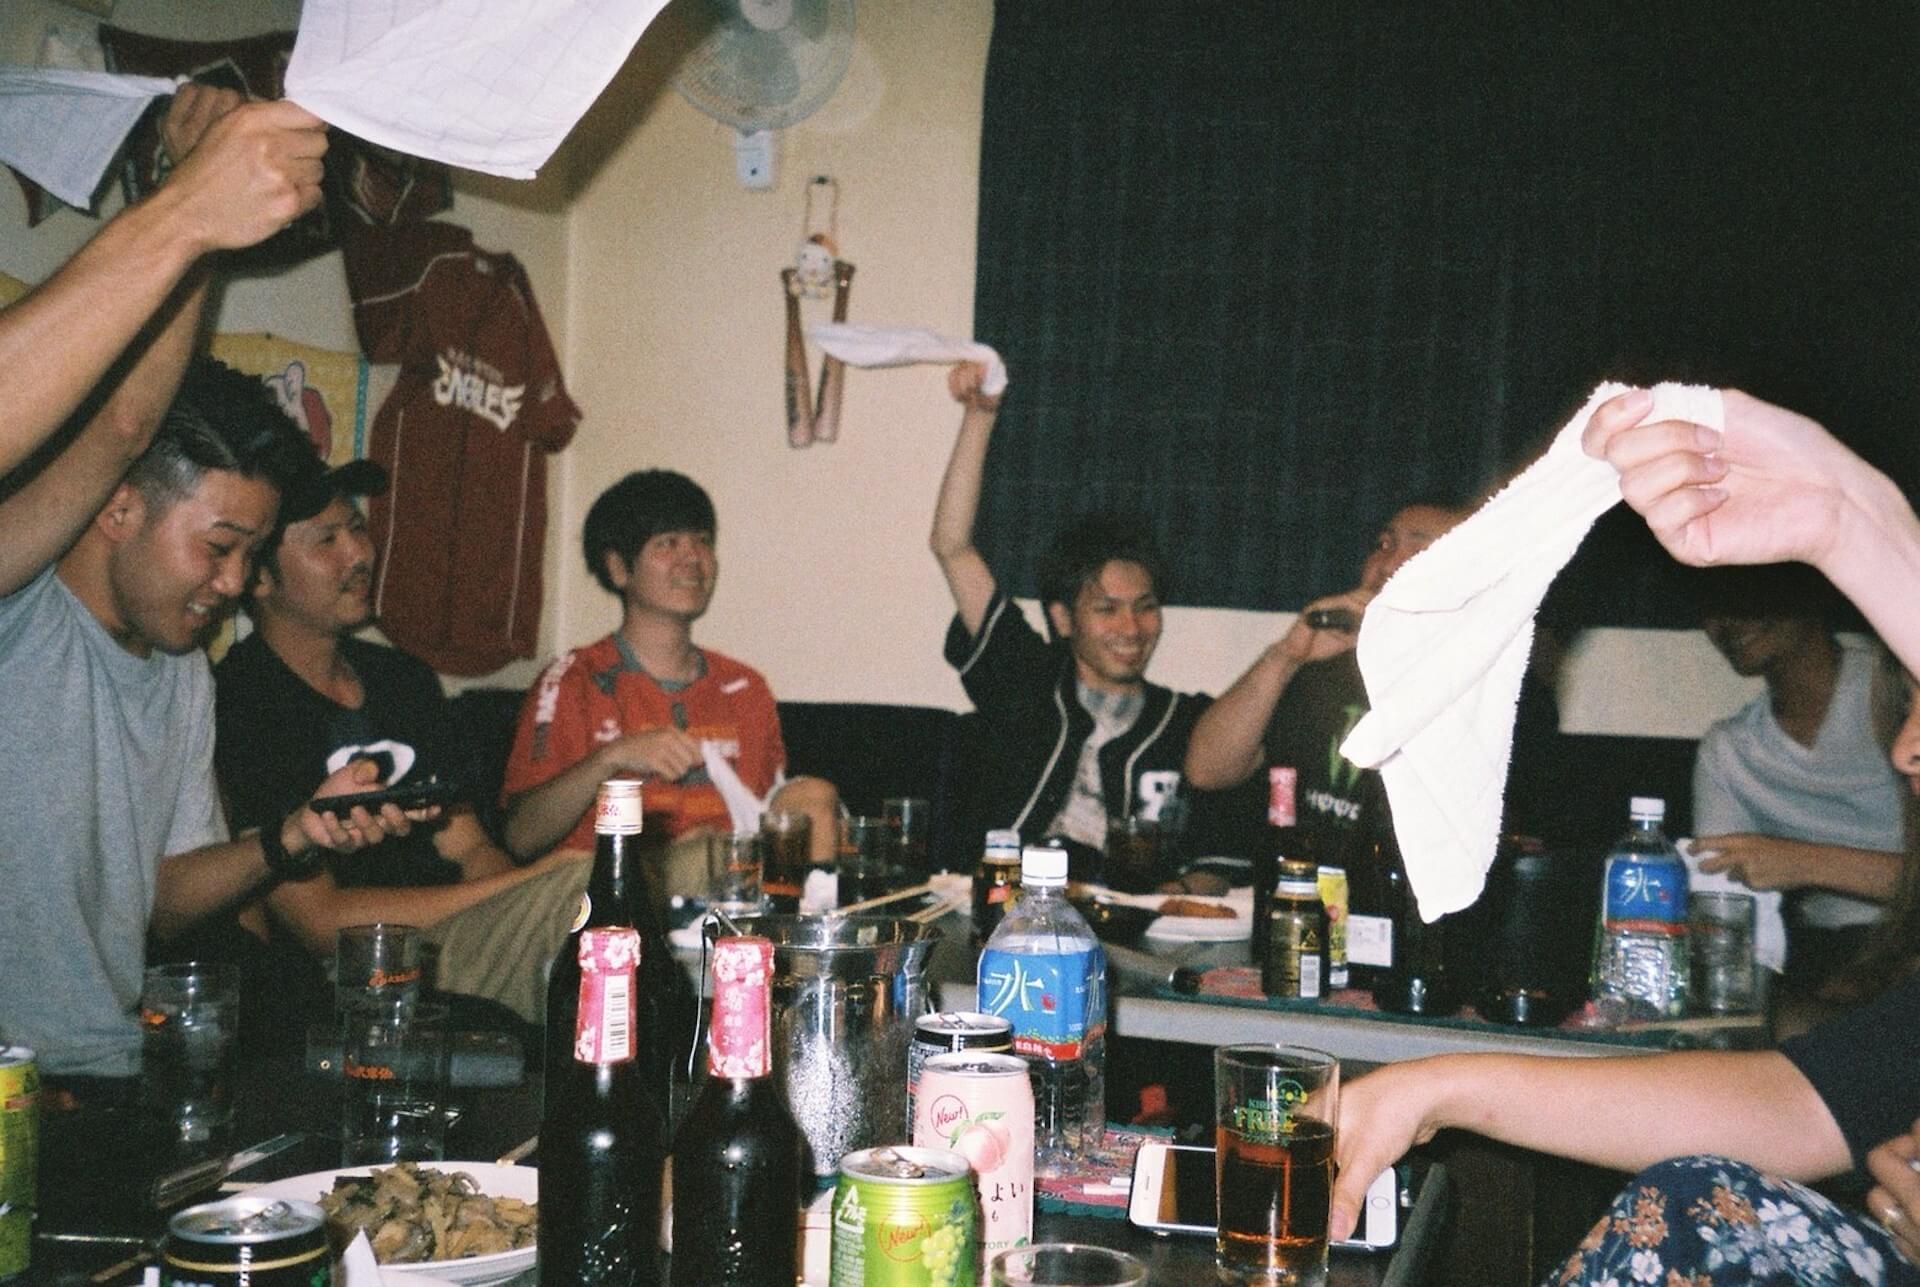 どうも東京の人にはなれなかったらしい|「またね」 column180920-matane-8